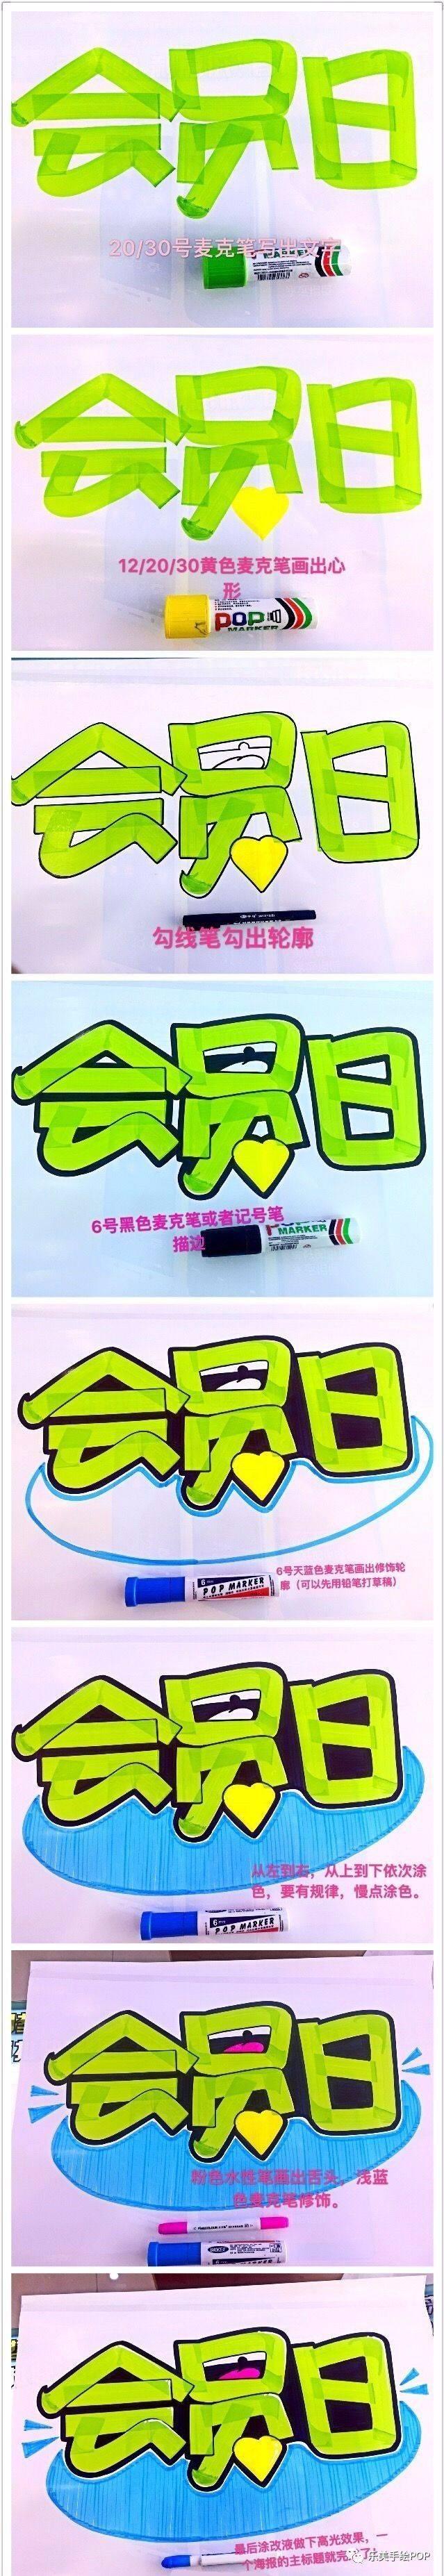 药店会员日 手绘pop海报-娱乐频道-手机搜狐